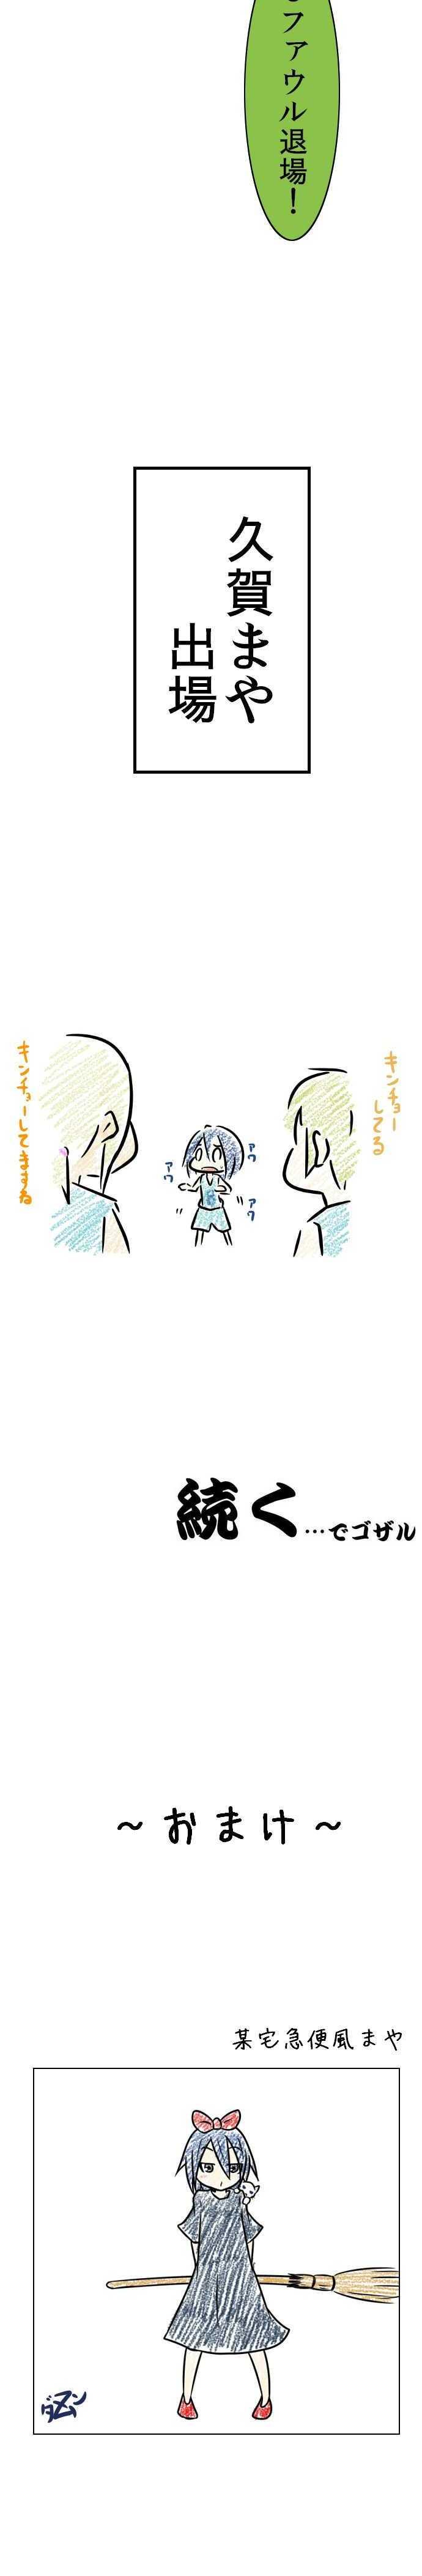 33術目:忍ぶ助っ人(其の弐)